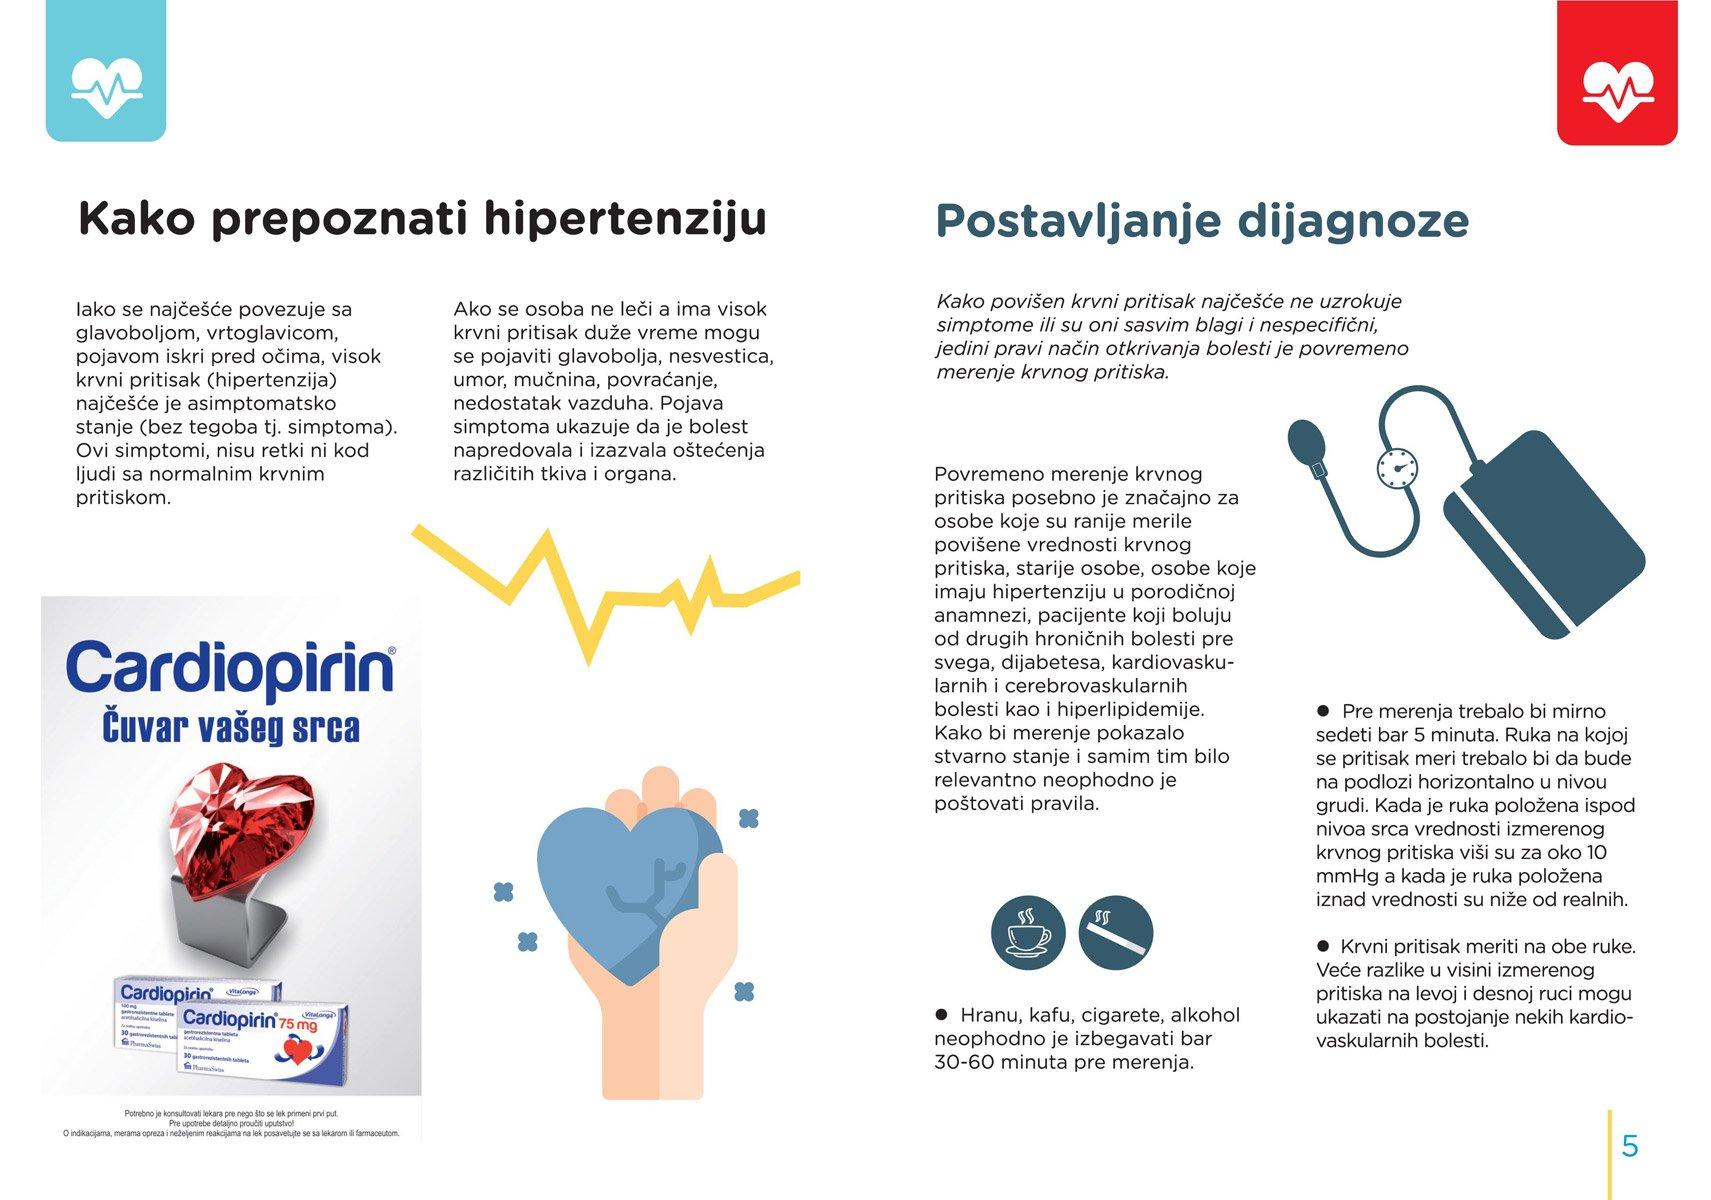 hipertenzija je bolest ili ne